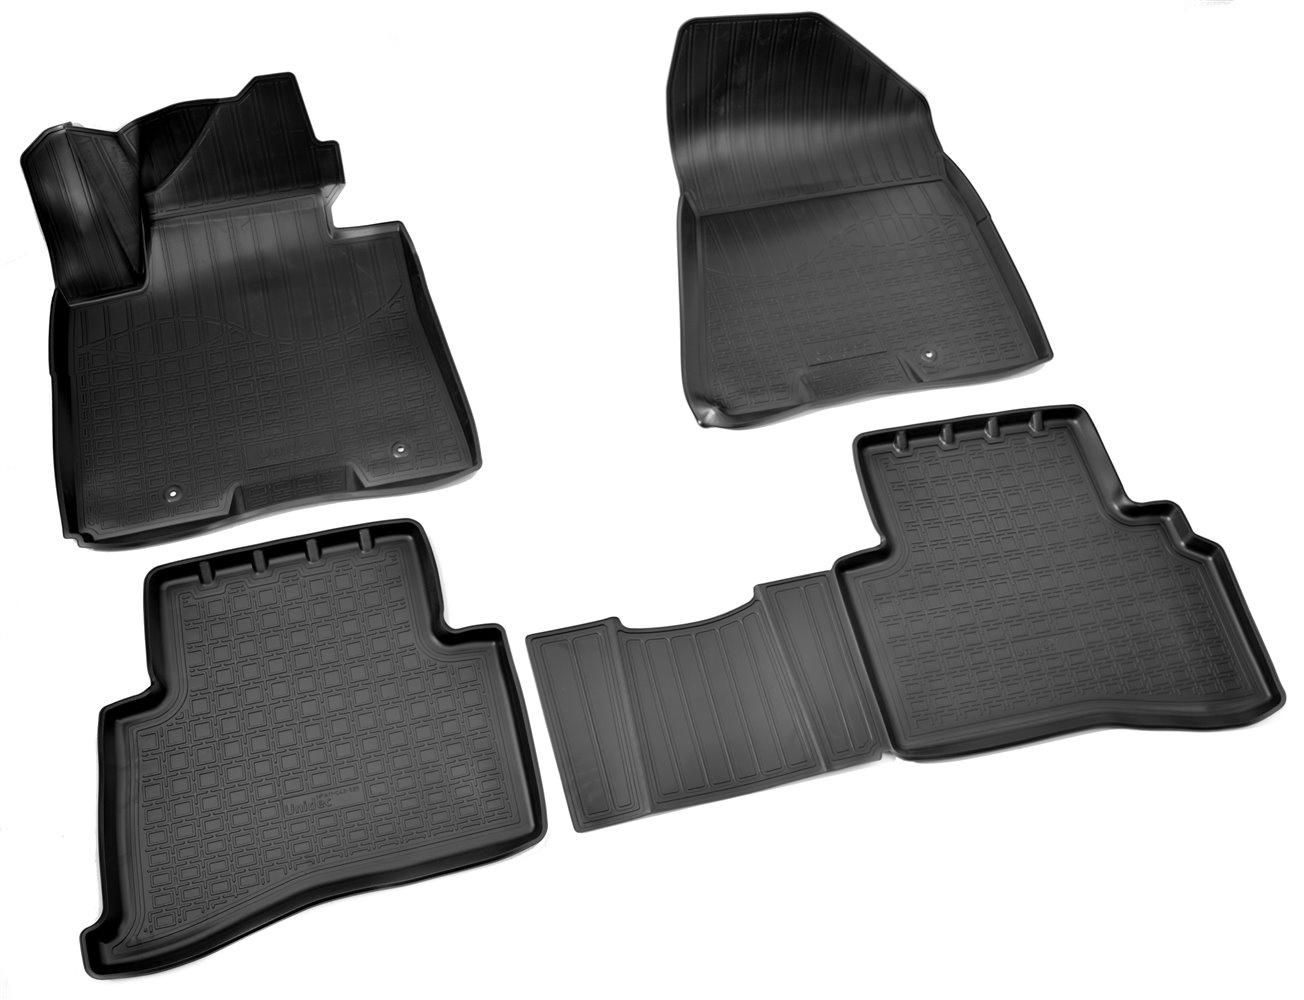 Коврики в салон автомобиля Norplast для Kia Sportage (QL) 3D (2016), NPA11-C43-525, черный фен kia